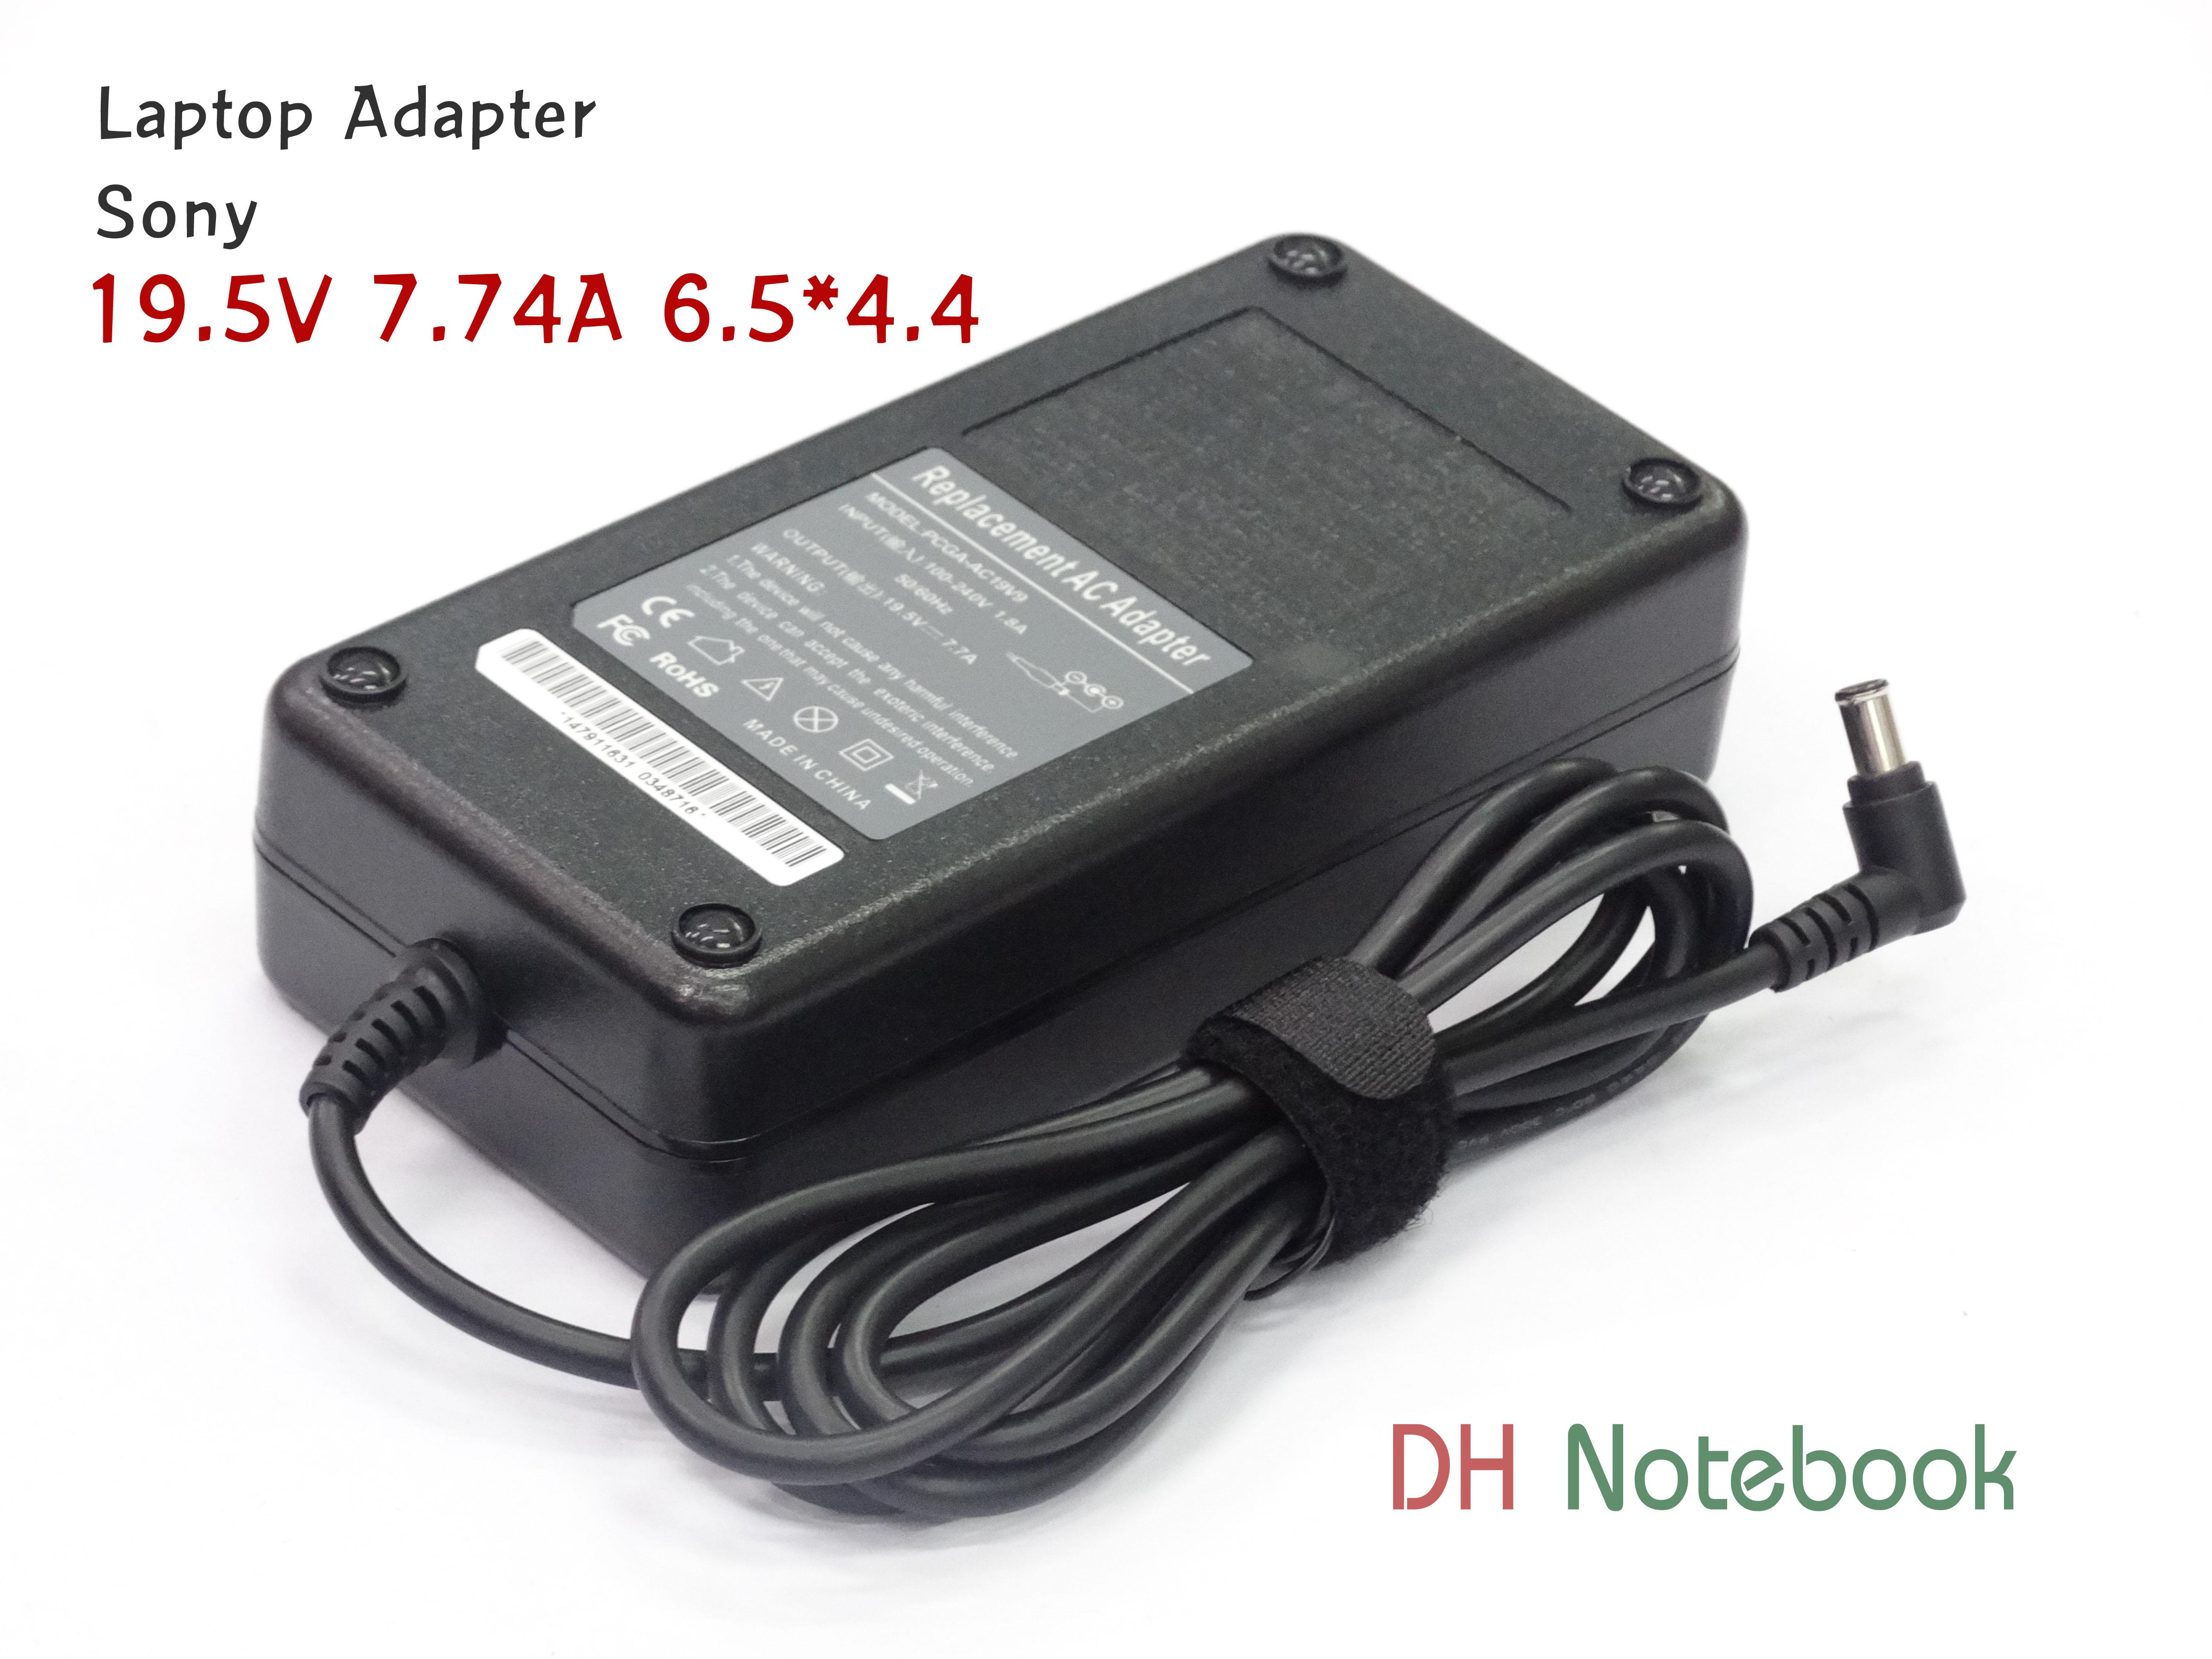 Adapter Sony 19.5V 7.7A 6.5*4.4